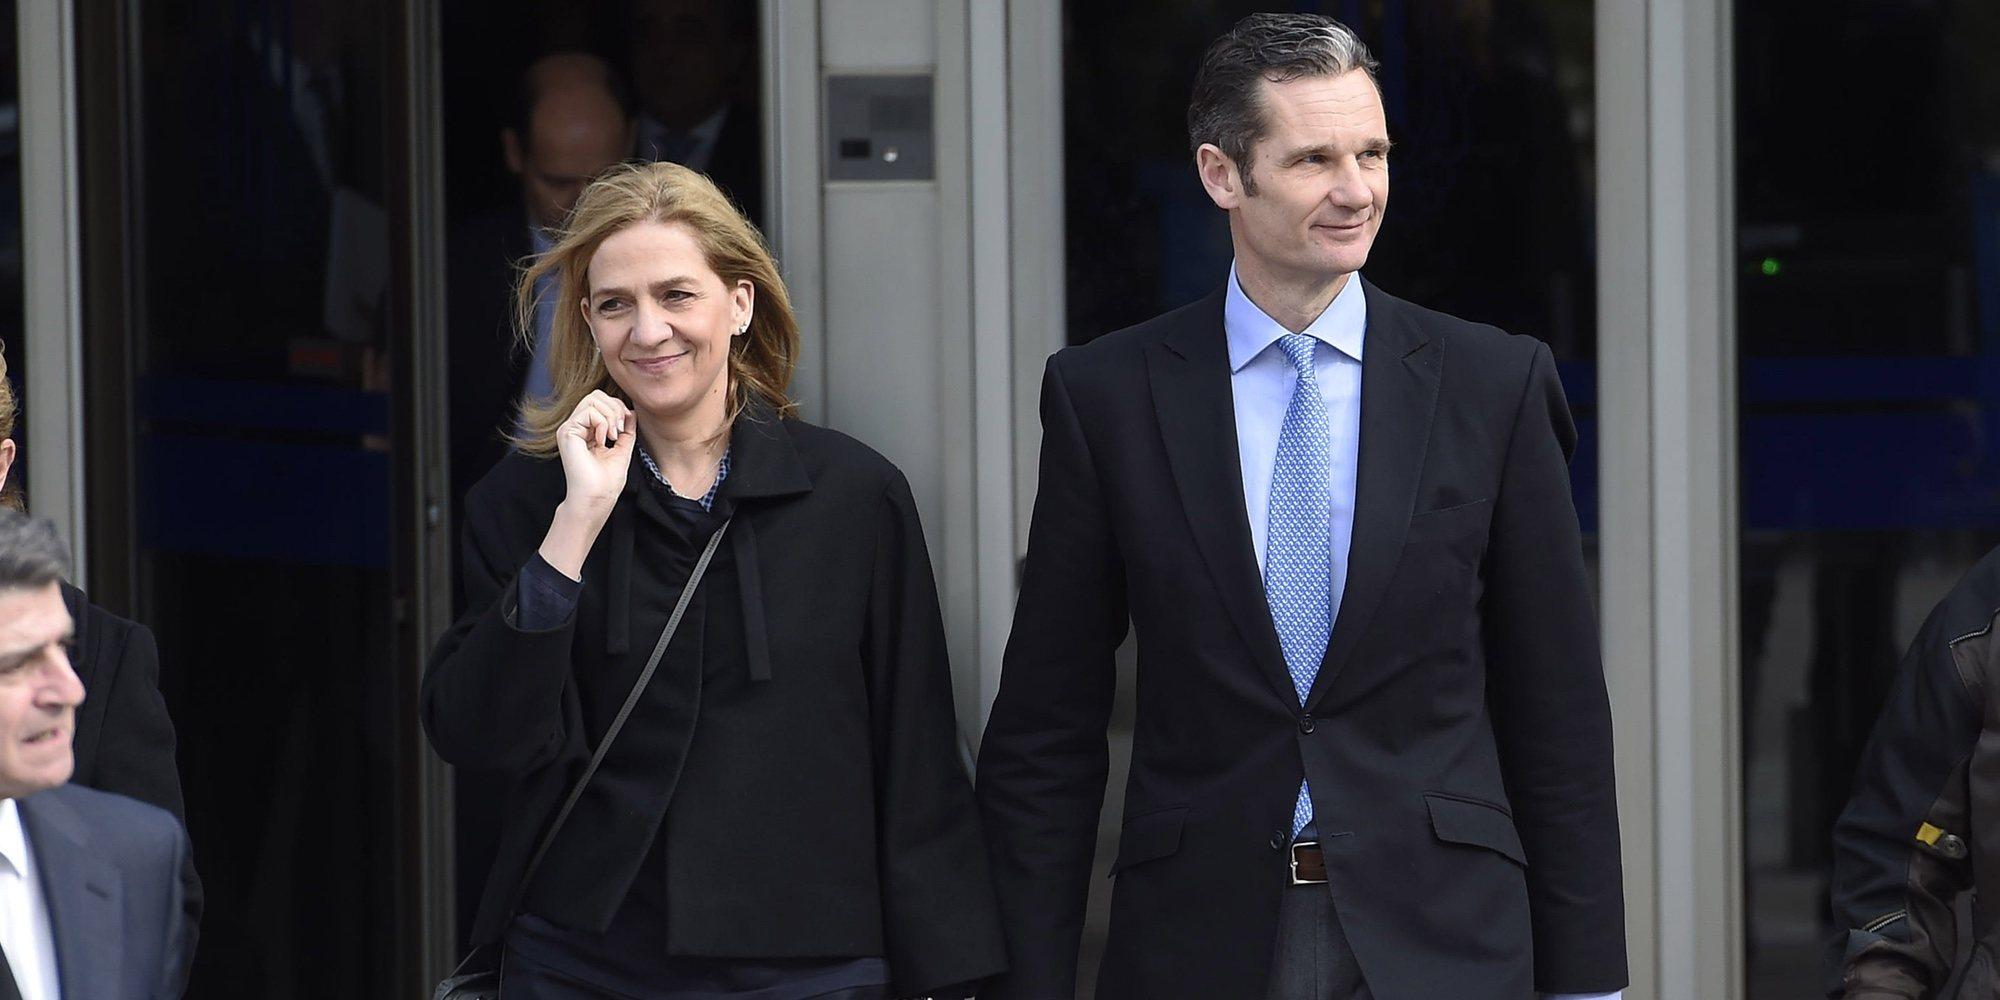 La Infanta Cristina e Iñaki Urdangarin, felices y unidos en un partido de balonmano en Suiza